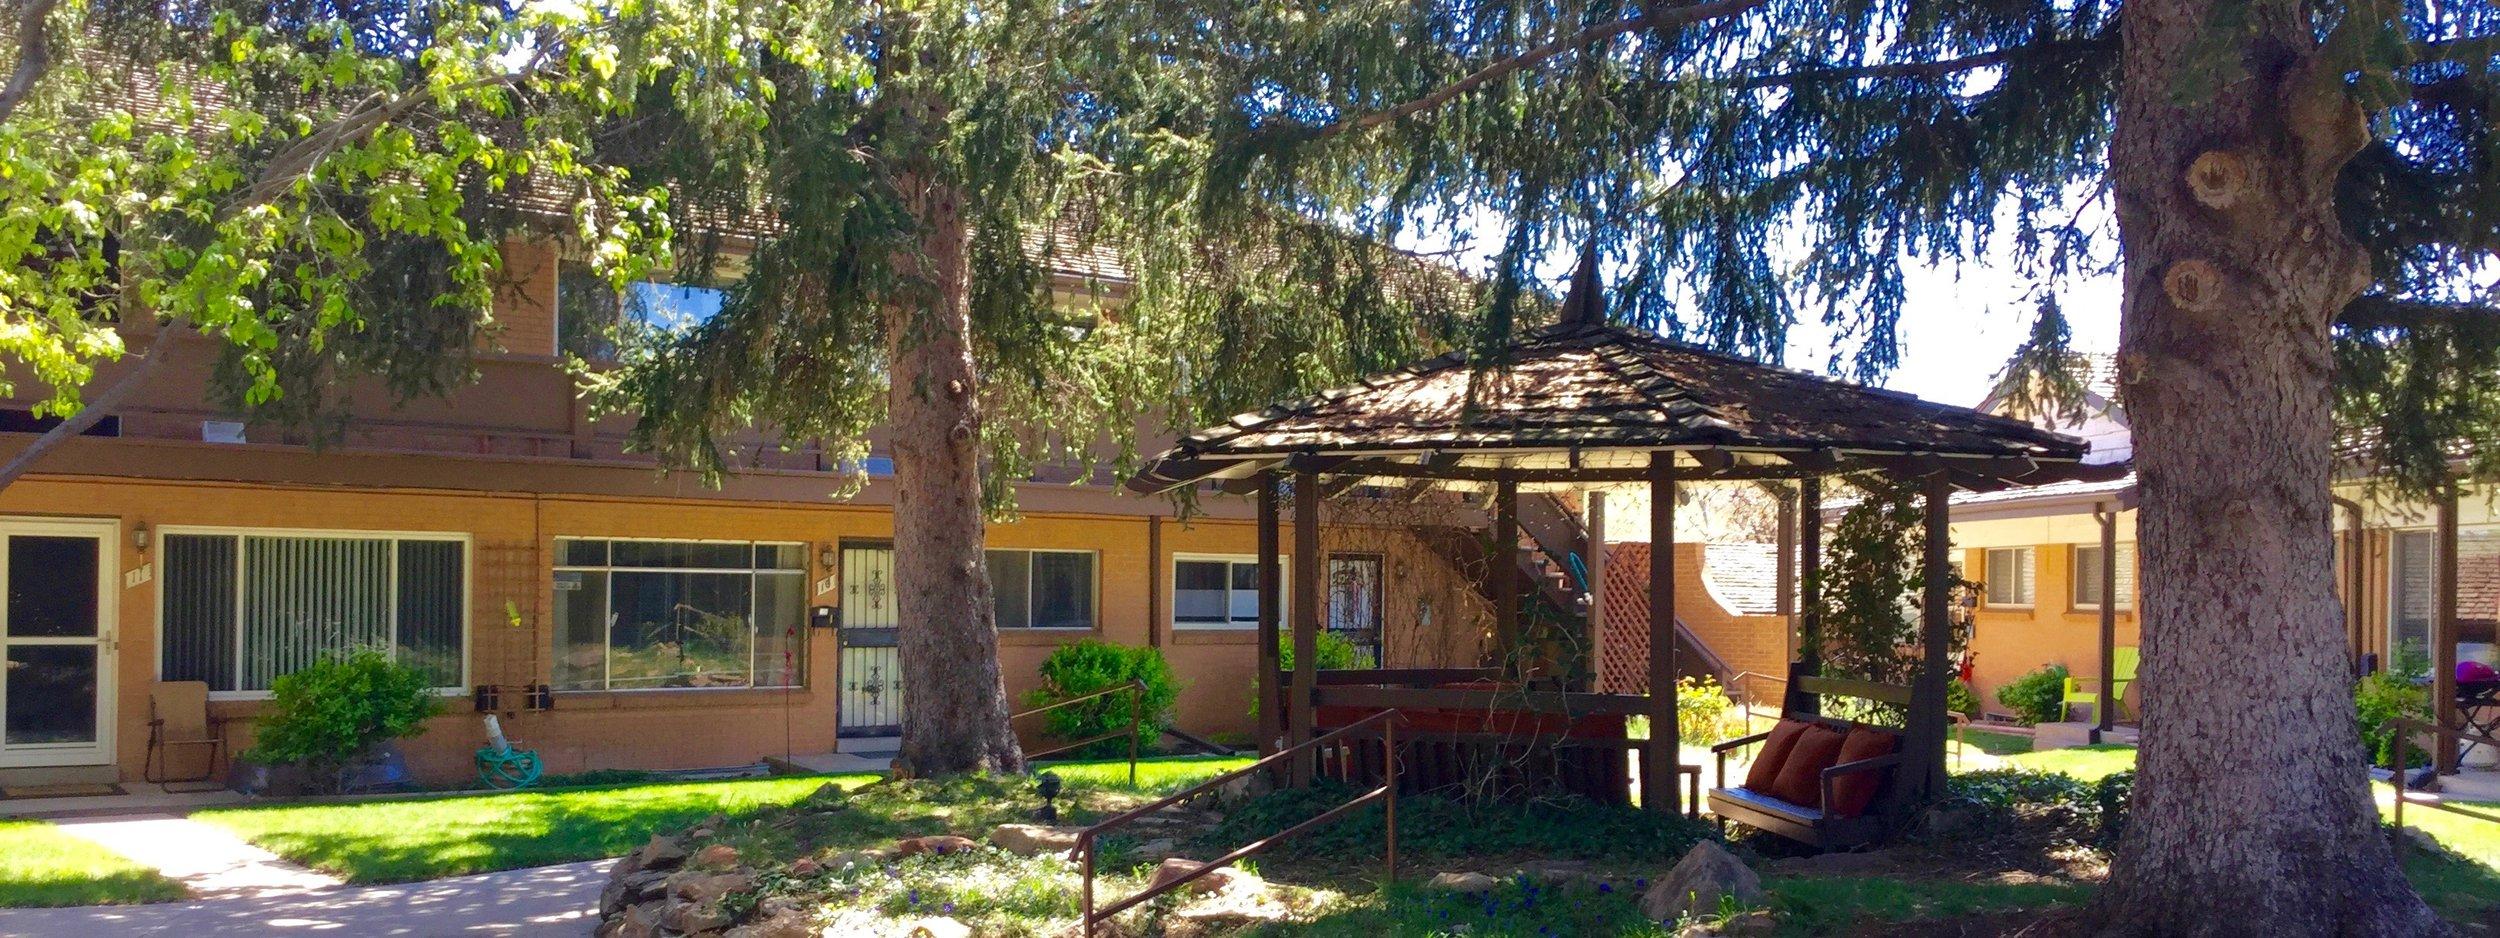 Interior Courtyard area and Gazebo at Applewood Executive Condos near Golden, Colorado